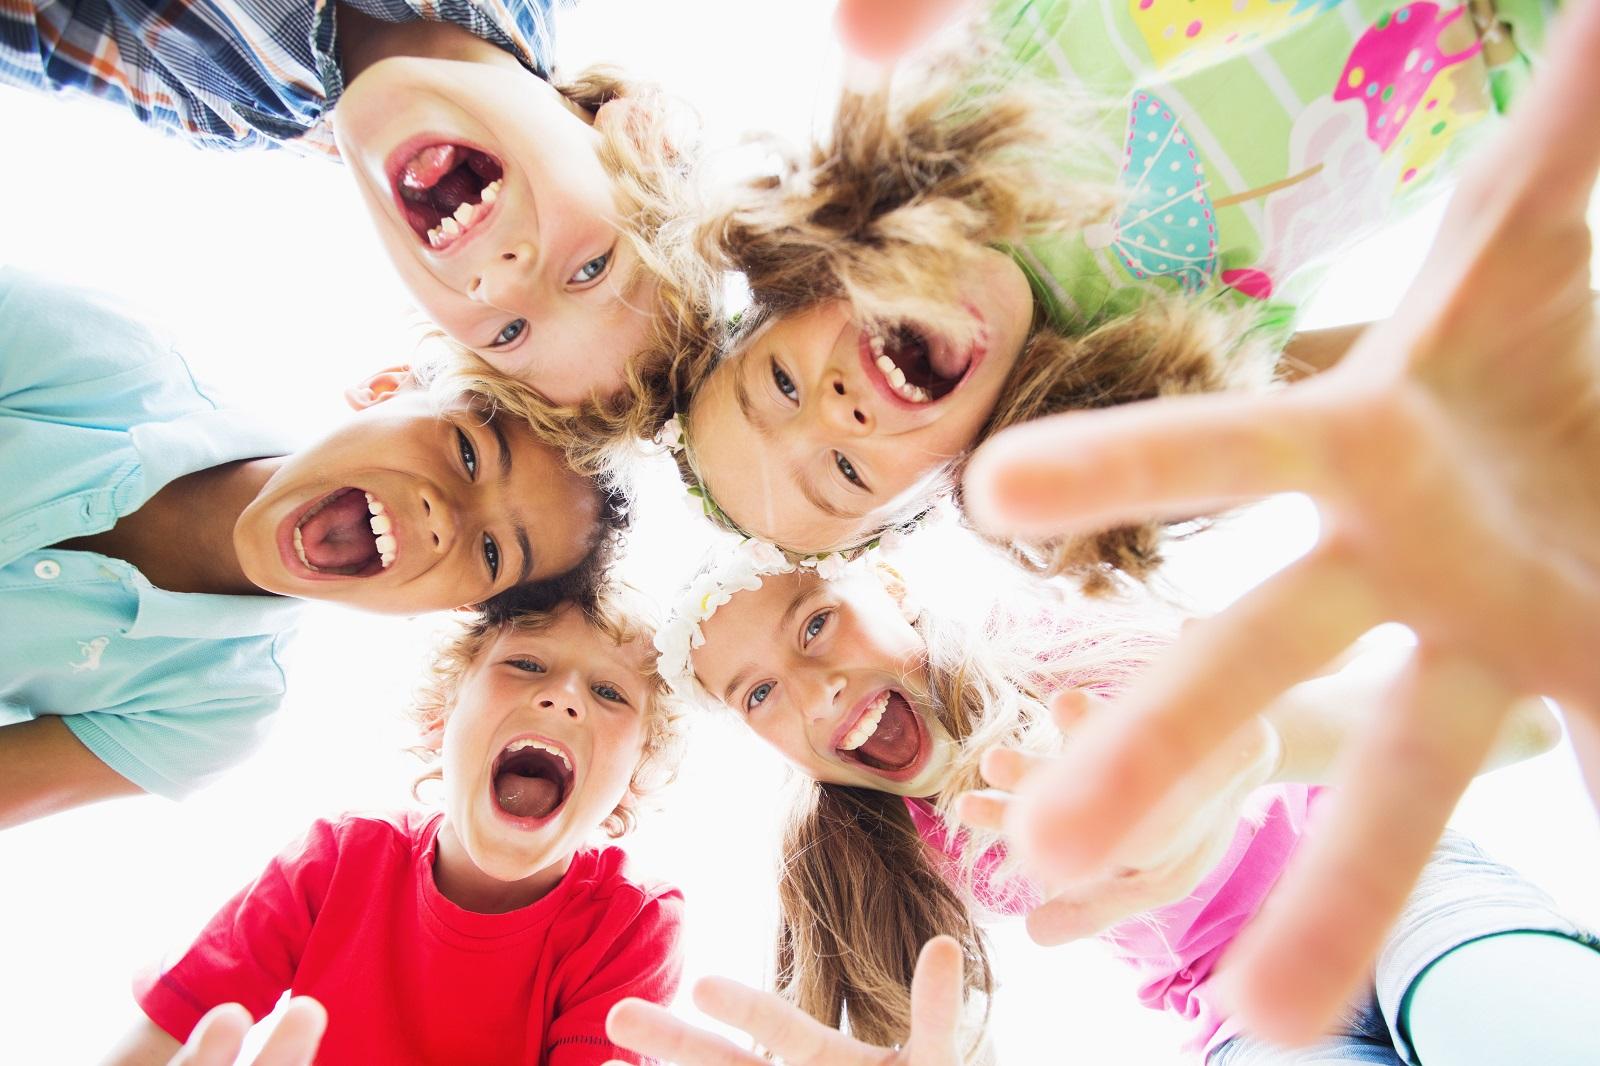 Moc atrakcji z okazji Dnia Dziecka! Zobacz, co będzie się działo w Pleszewie - Zdjęcie główne